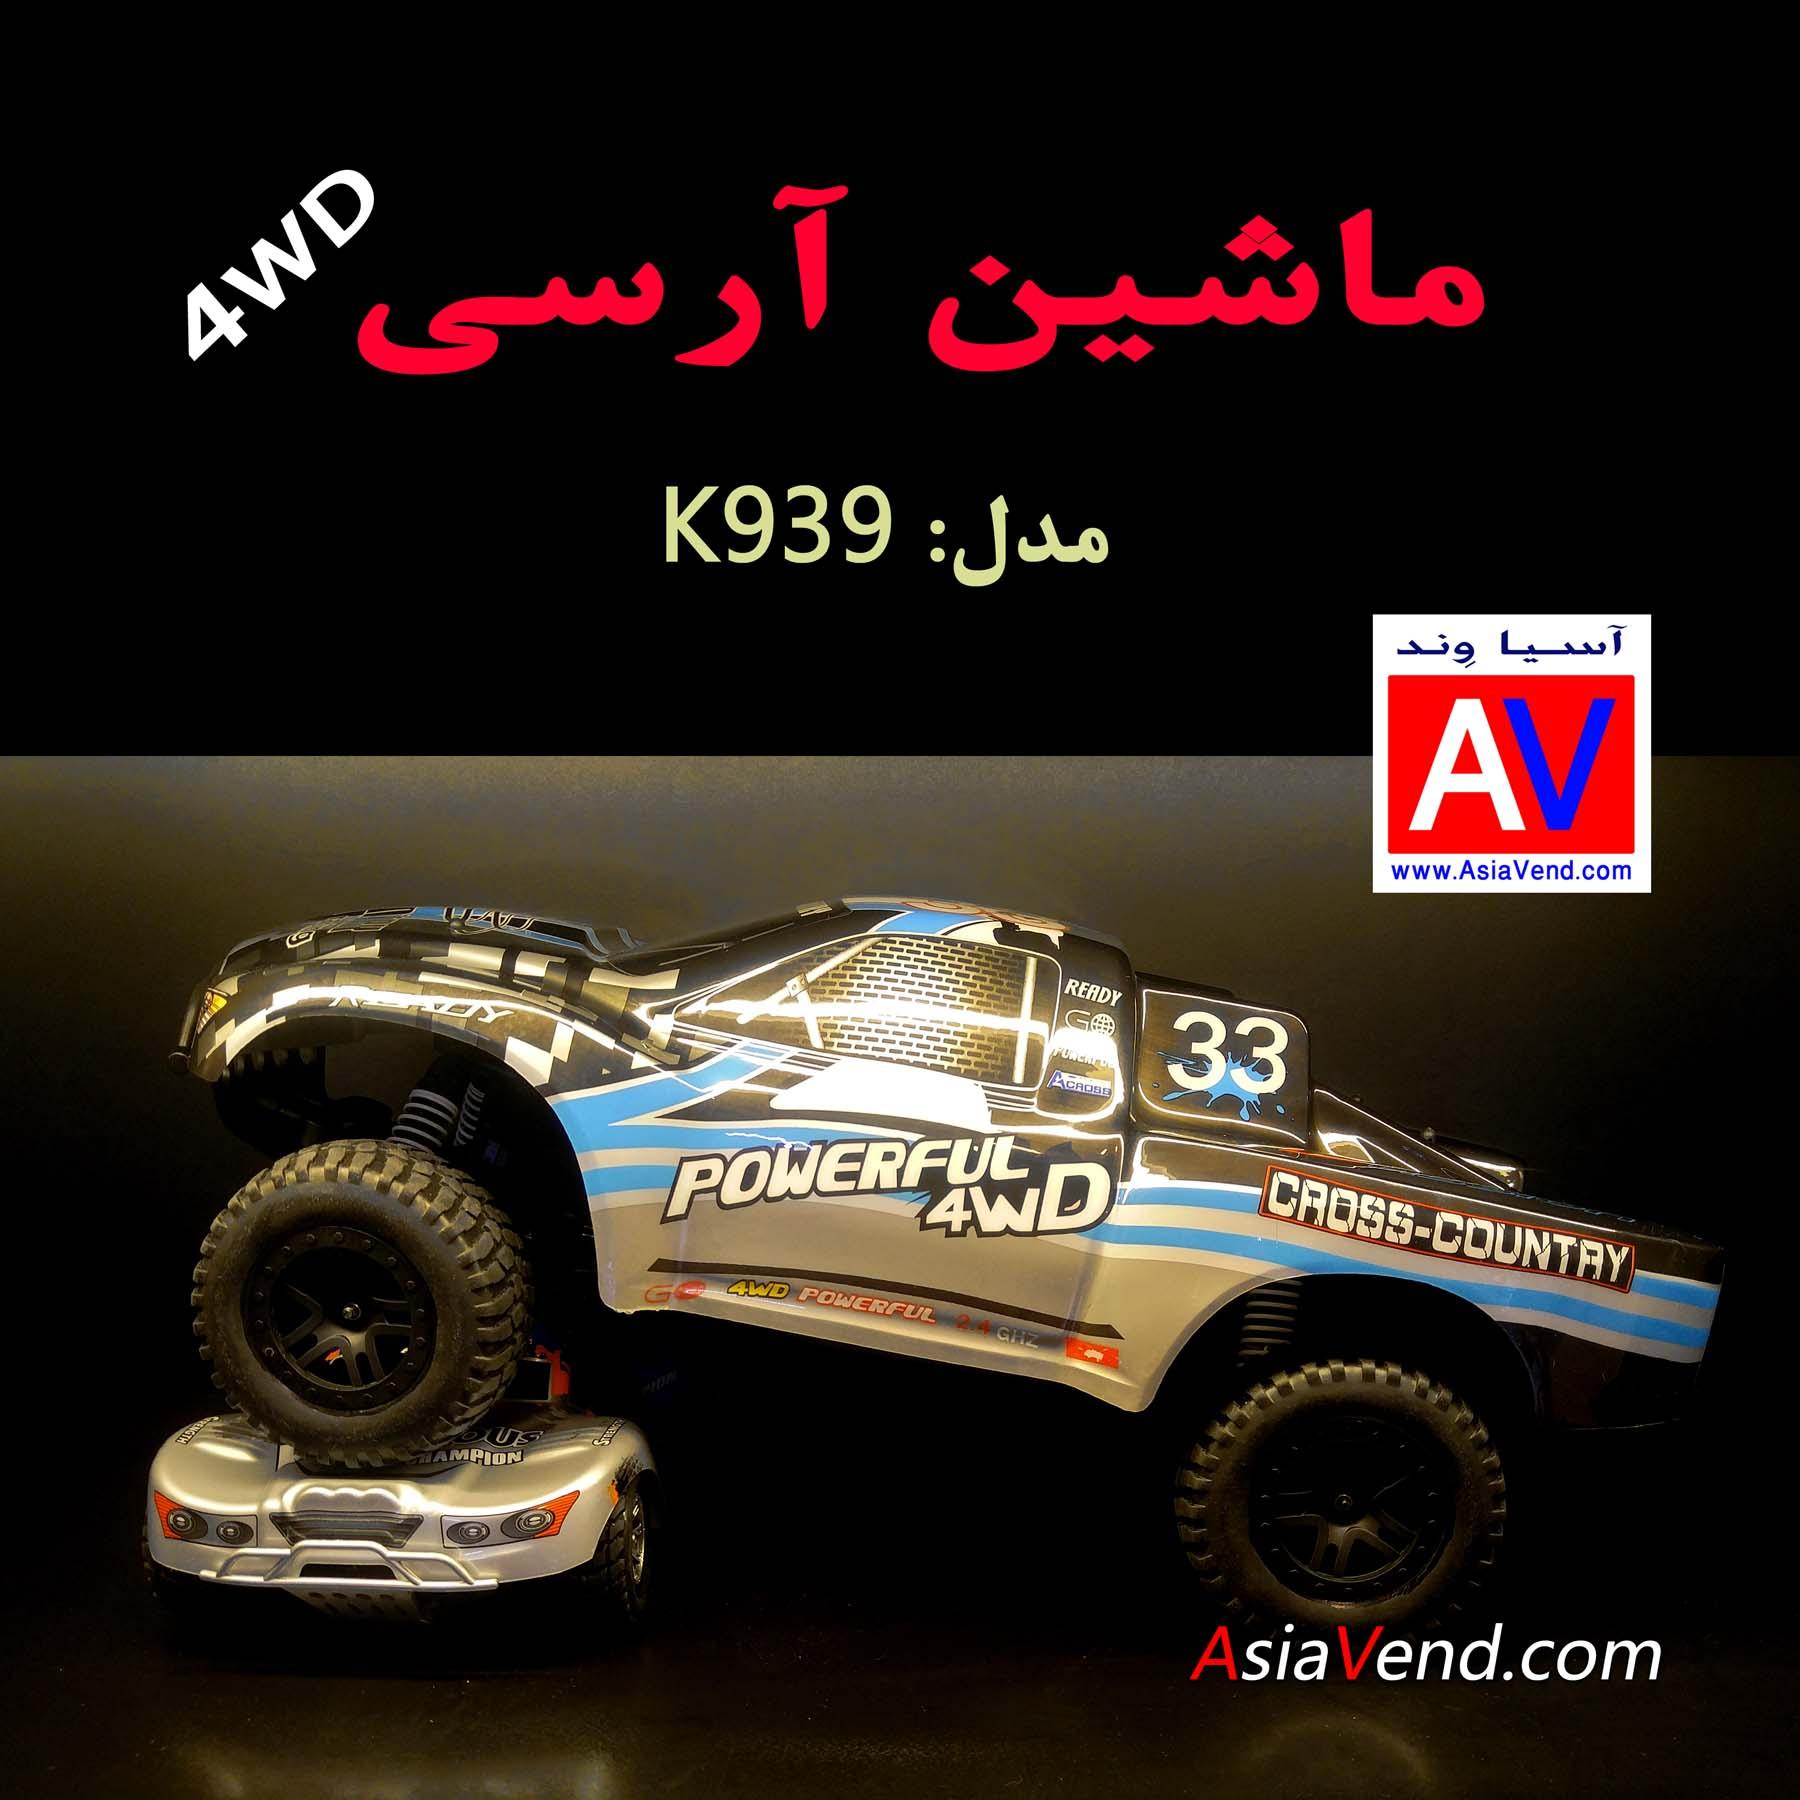 ماشین کنترلی آسیاوند 1 ماشین کنترلی آفرود مدل Wltoys K939